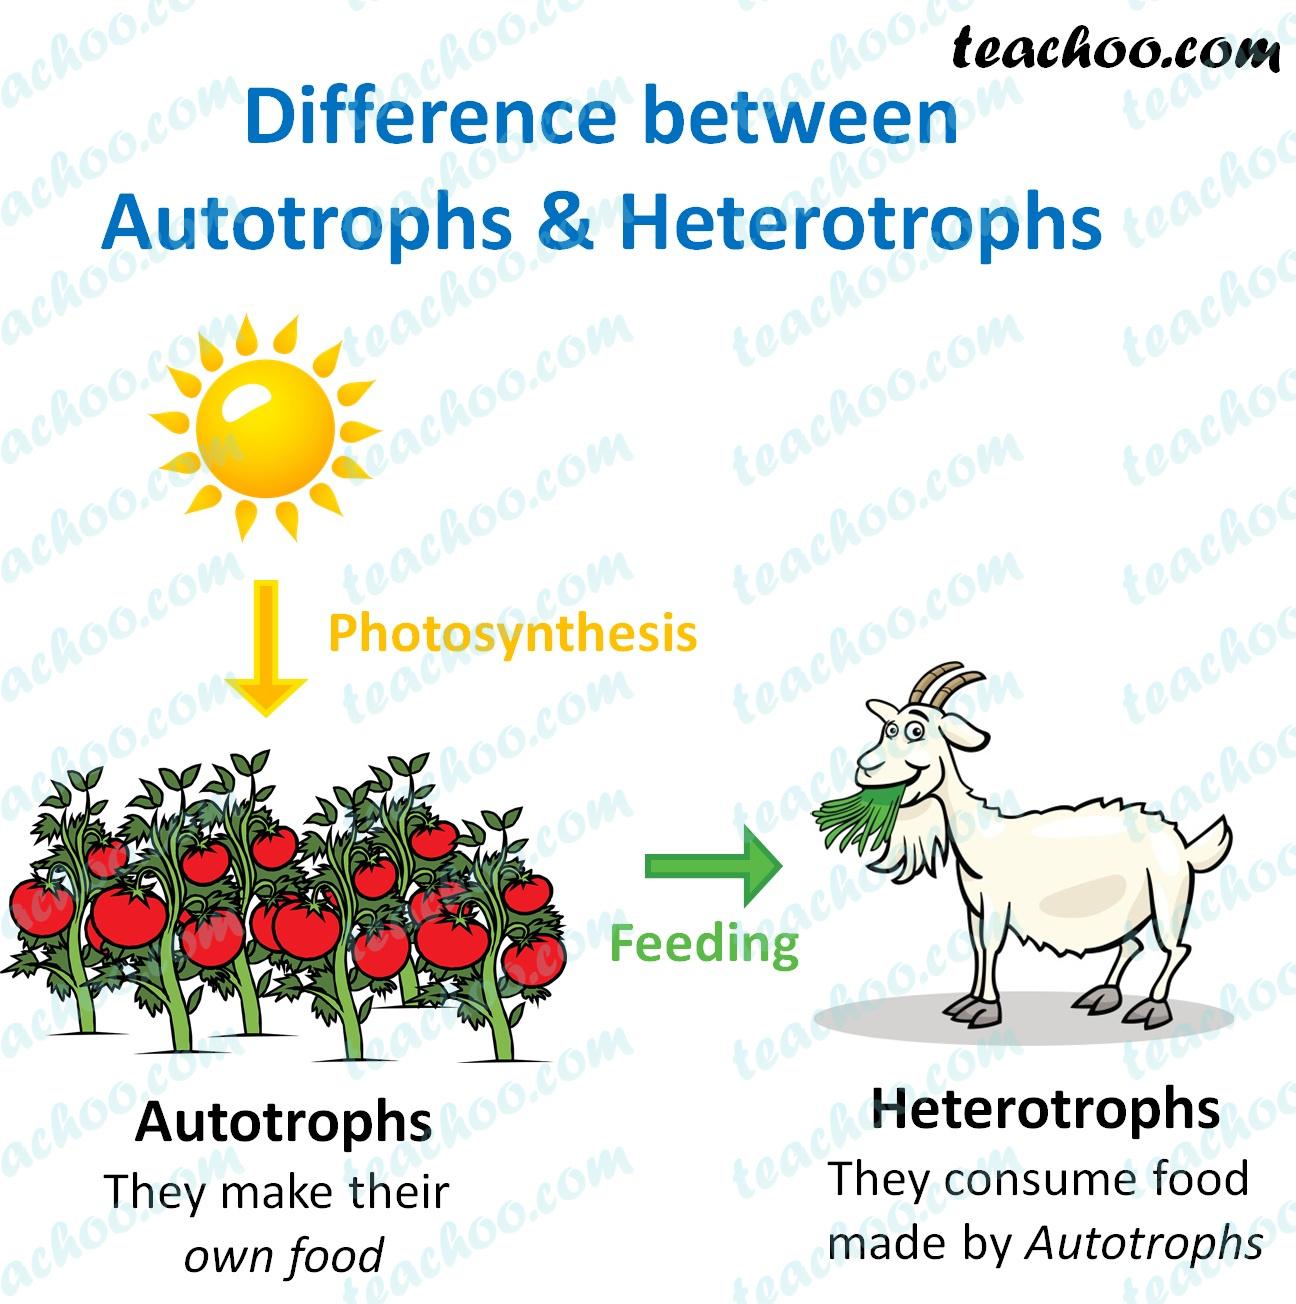 difference-between-autotrophs-and-hetrotrophs---teachoo.jpg